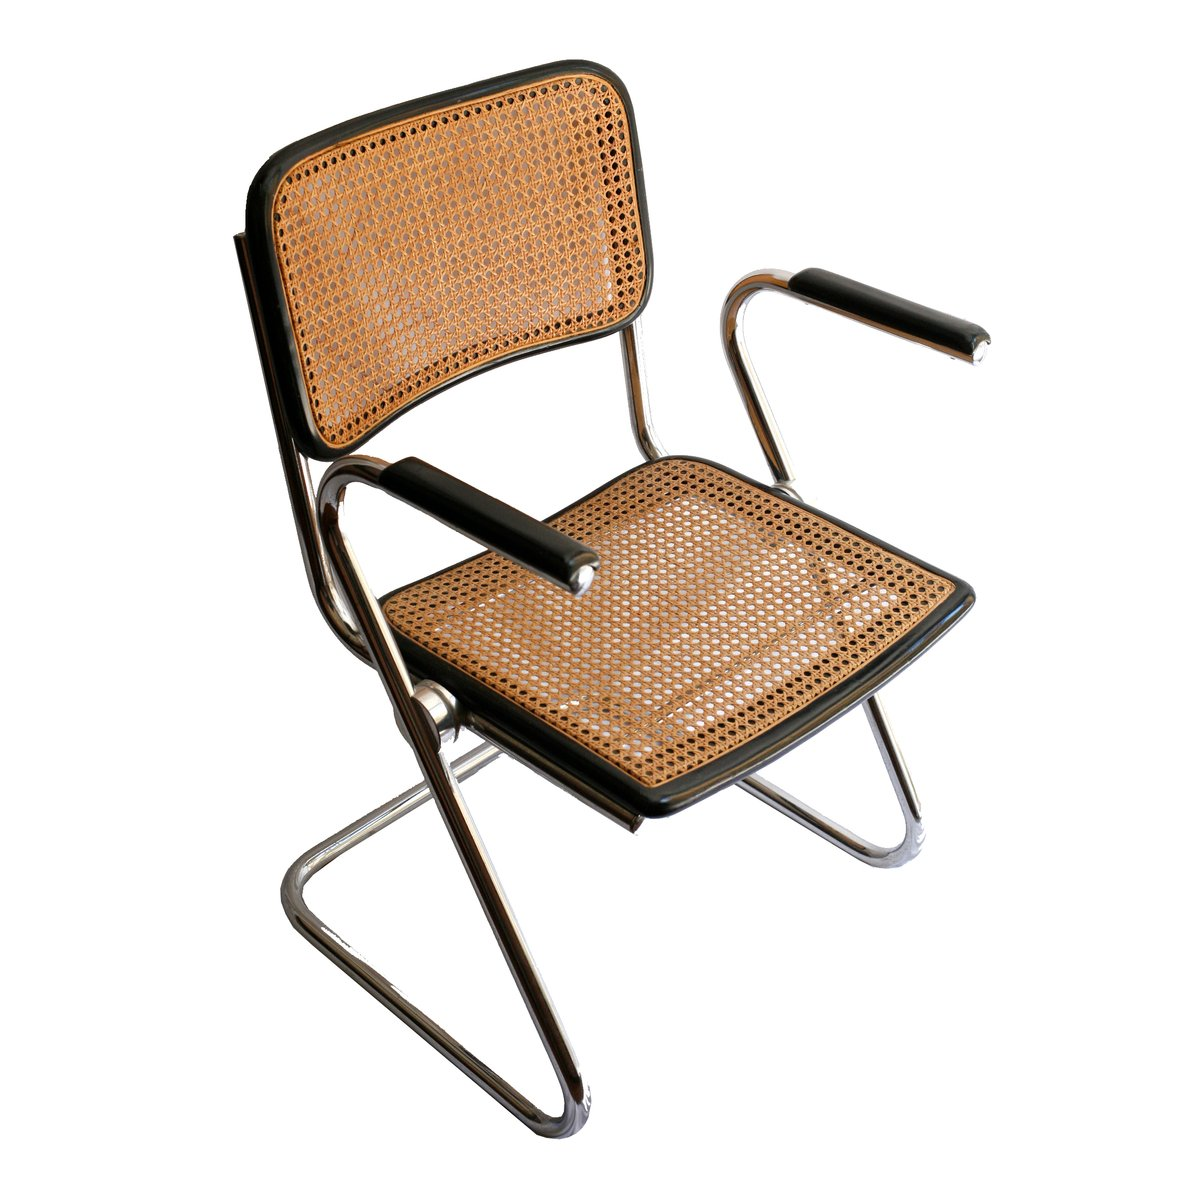 spanische vintage st hle aus metall mit geflochtenen sitzen 4er set bei pamono kaufen. Black Bedroom Furniture Sets. Home Design Ideas